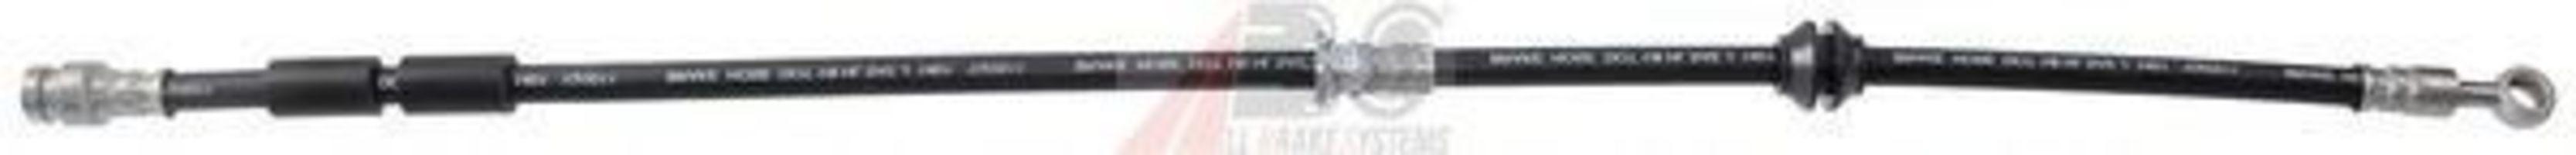 Шланг тормозной A.B.S. SL6216